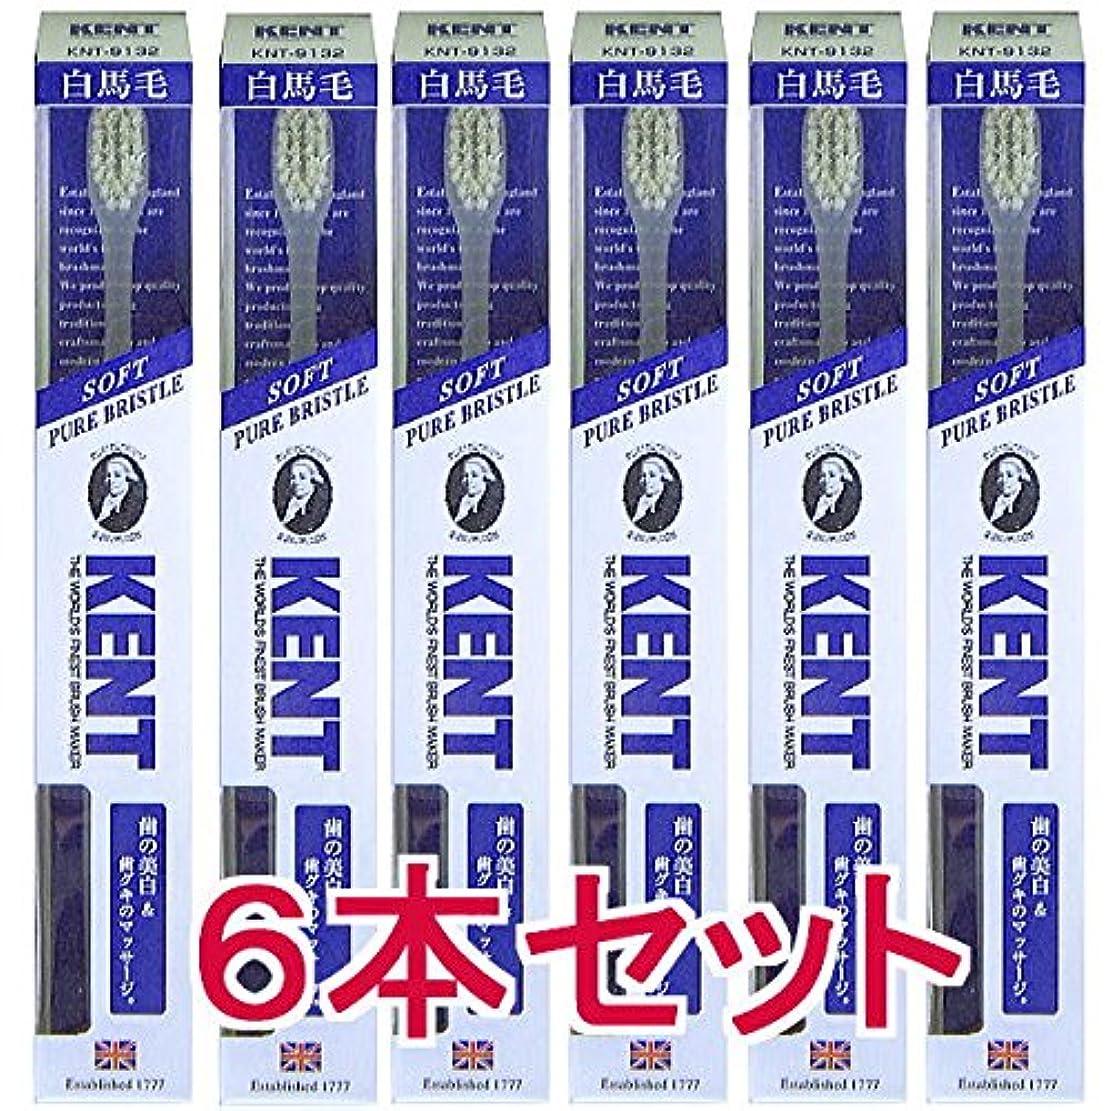 関係通り逸脱【6本セット】KENT ケント 白馬毛歯ブラシ コンパクトヘッドKNT9132 柔らかめ